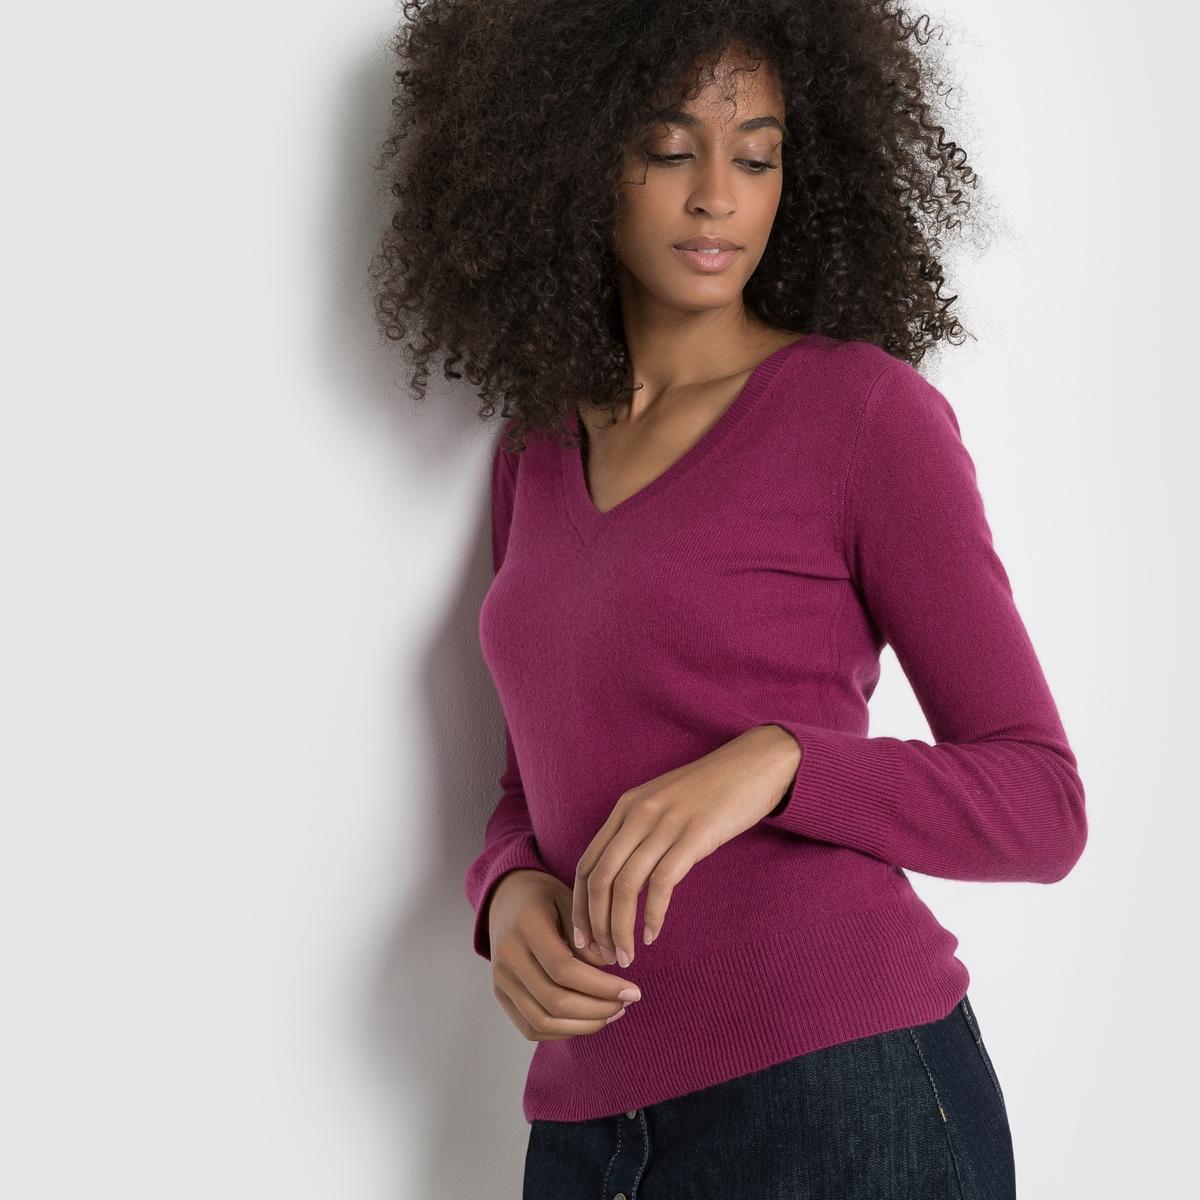 Пуловер с V-образным вырезом, 100% кашемираПуловер с V-образным вырезом и длинными рукавами. Края рукавов и низа связаны в рубчик.Джерси, 100% кашемира. Длина 64 см.<br><br>Цвет: красно-фиолетовый,красный/ кирпичный<br>Размер: 38/40 (FR) - 44/46 (RUS)